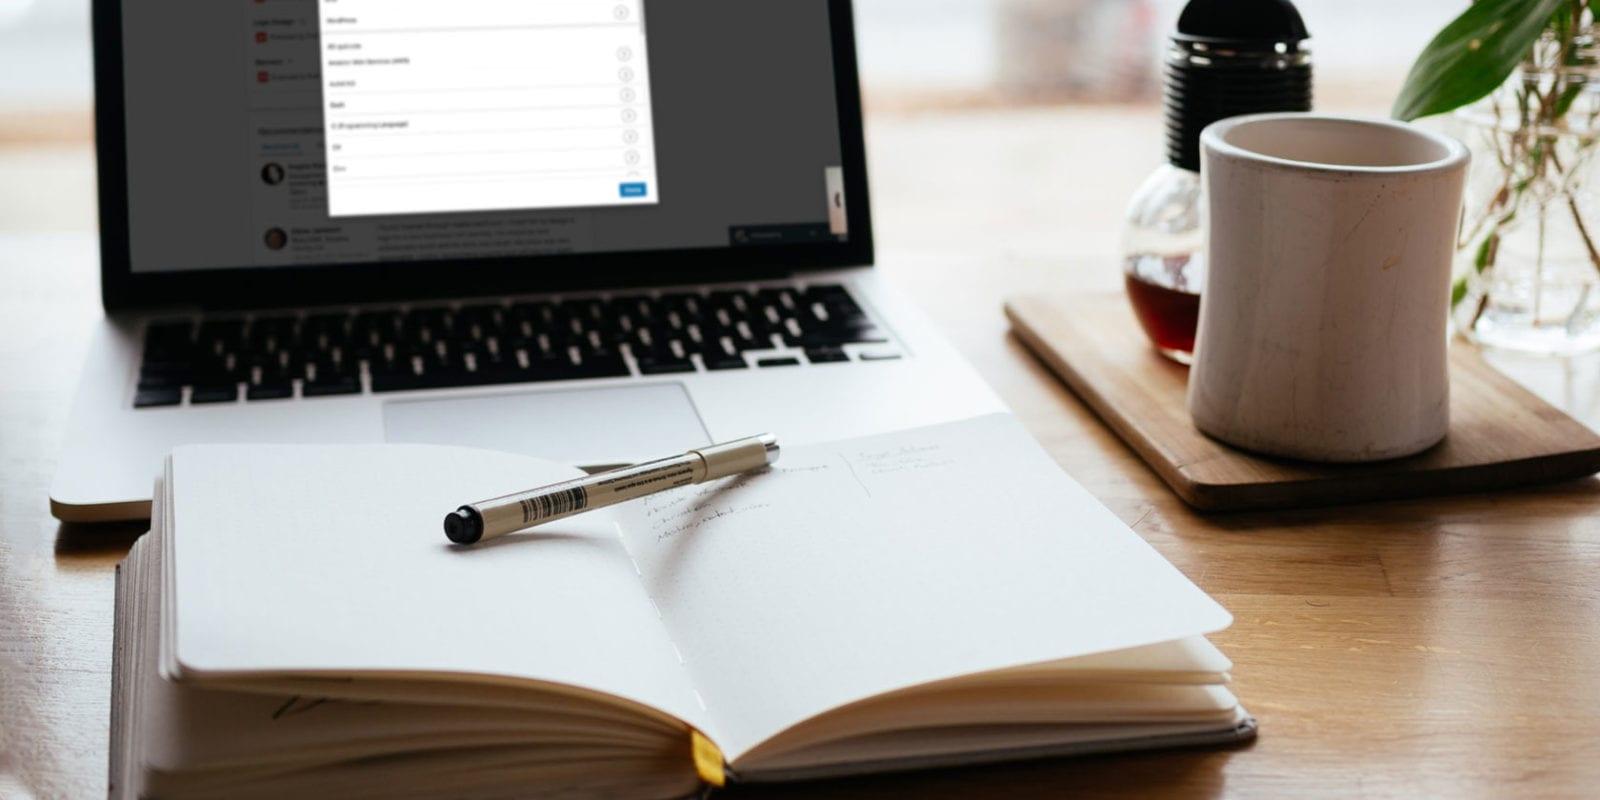 linkedin-skill-assessment